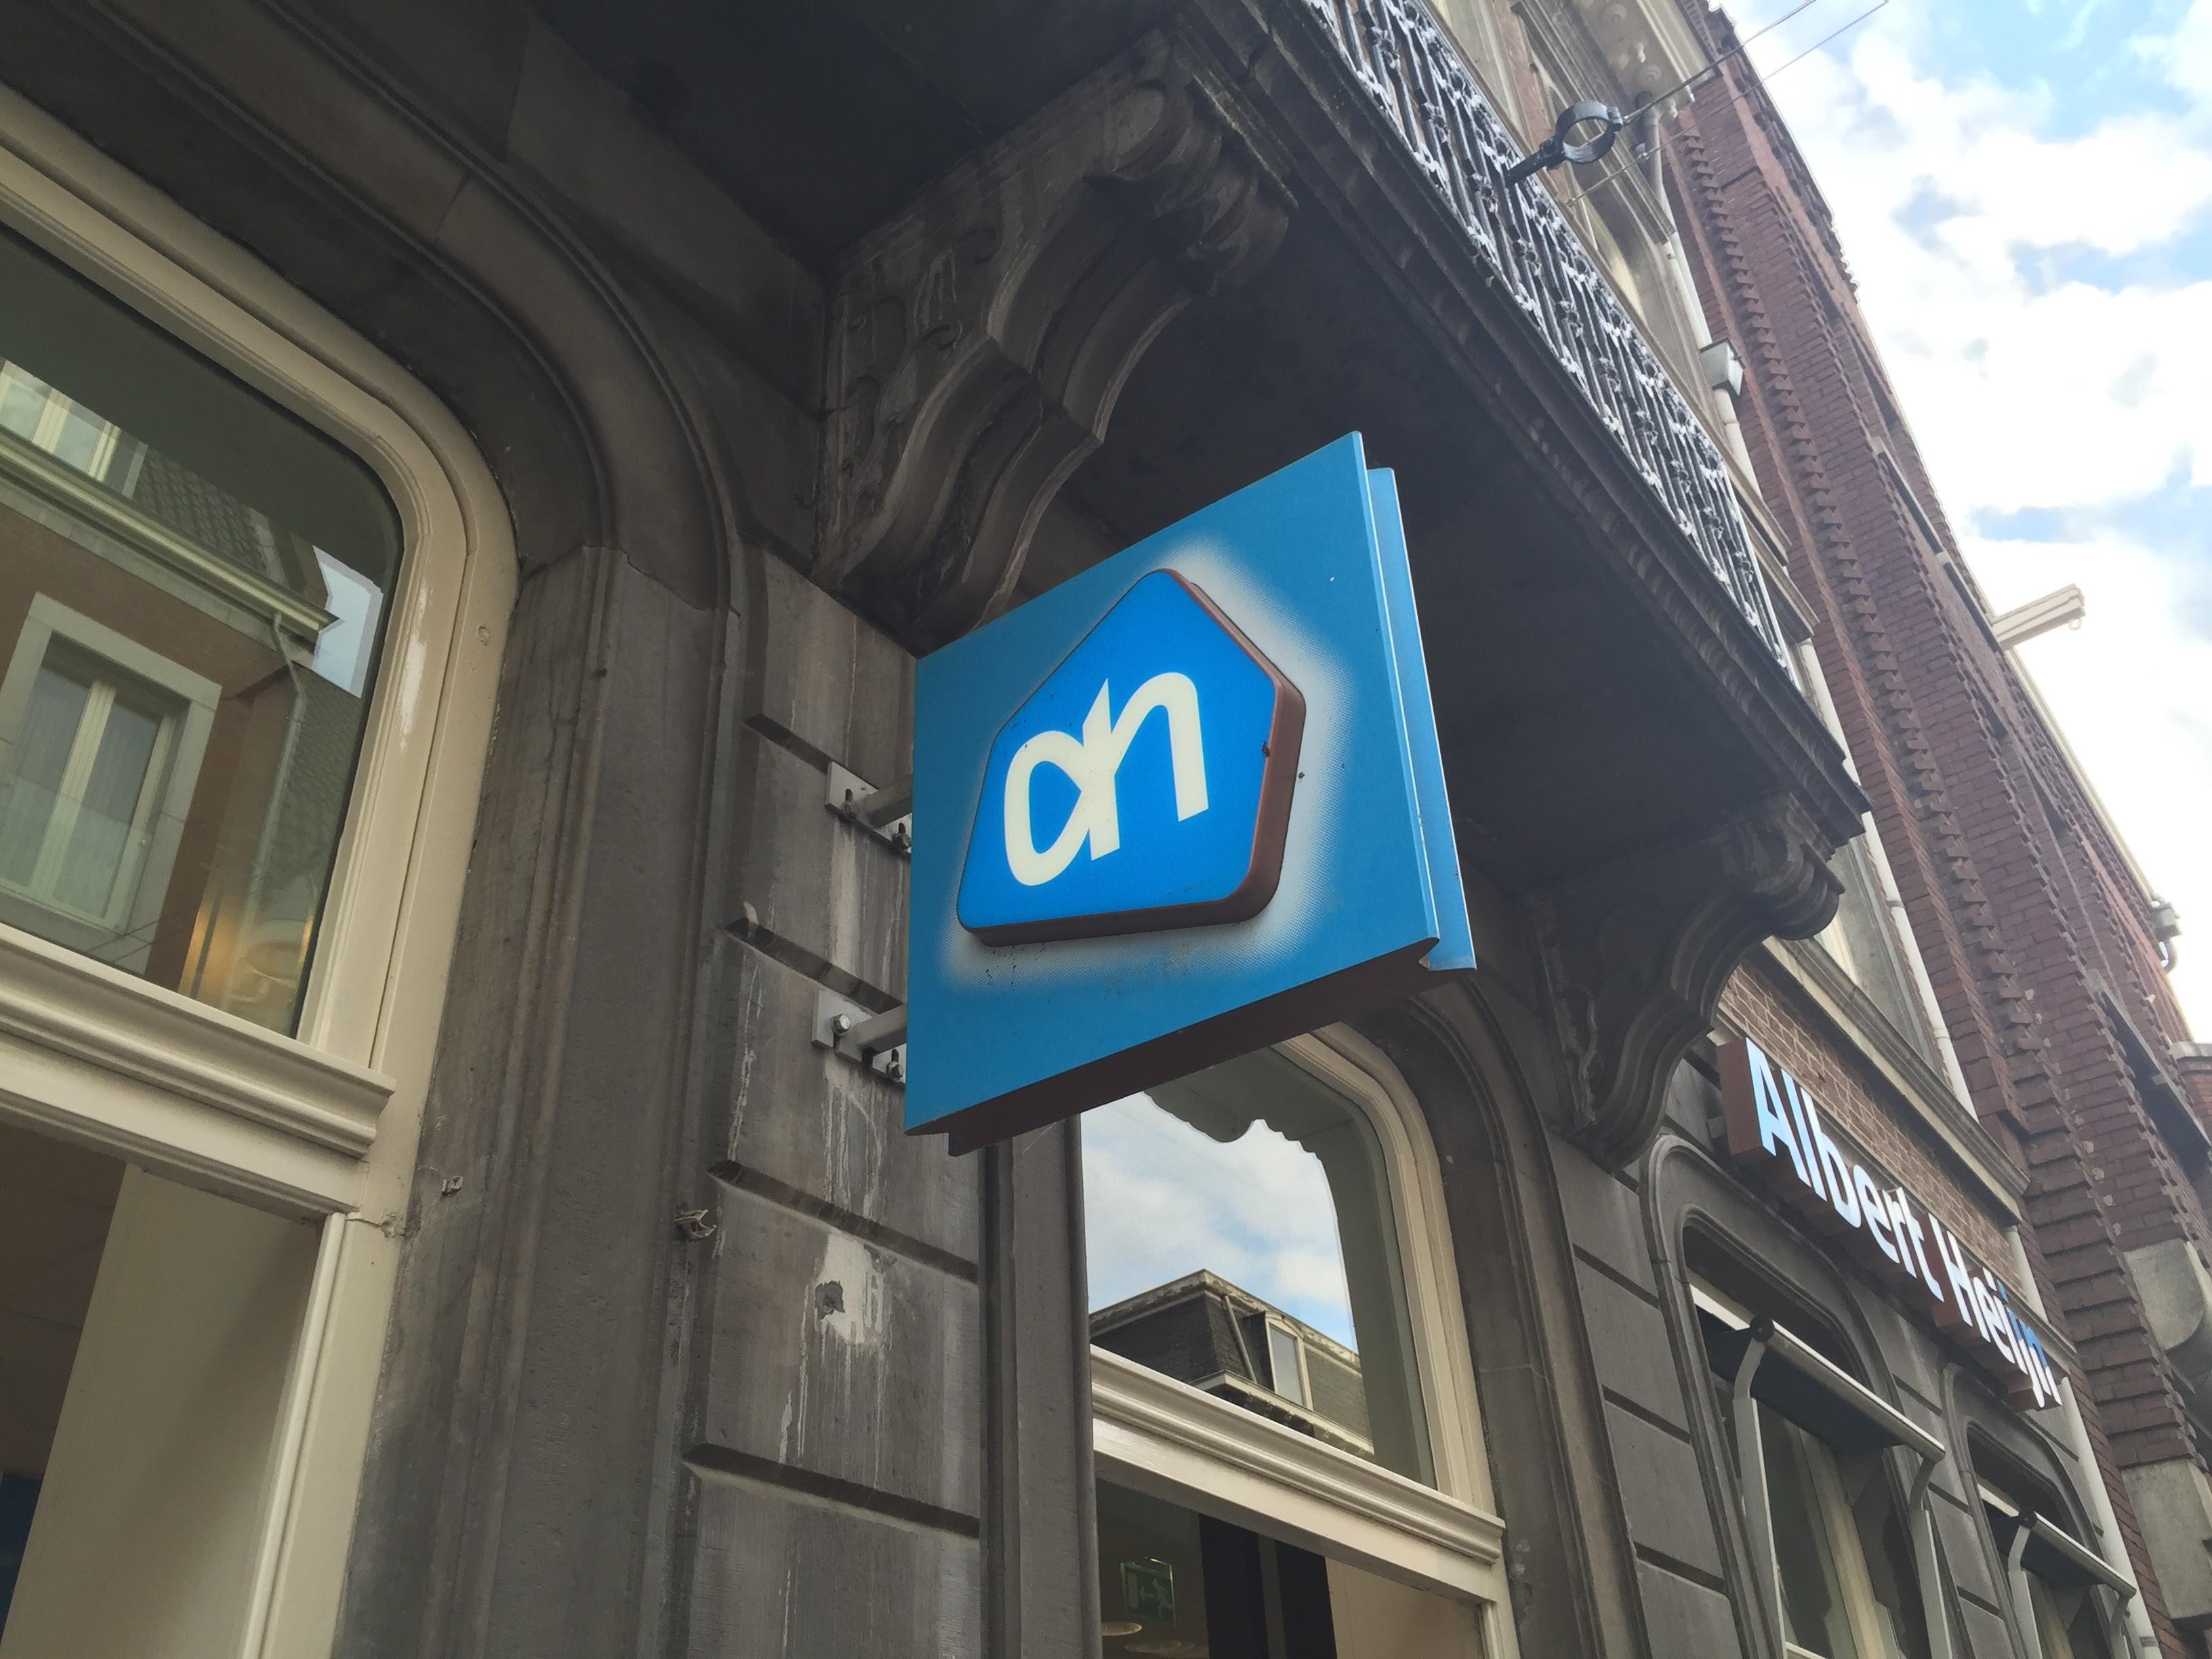 オランダ生活情報・日常の買い物はAlbert Heijn(アルバートハイン)で。Bonus card(ボーナスカード)で賢くお得に節約生活!